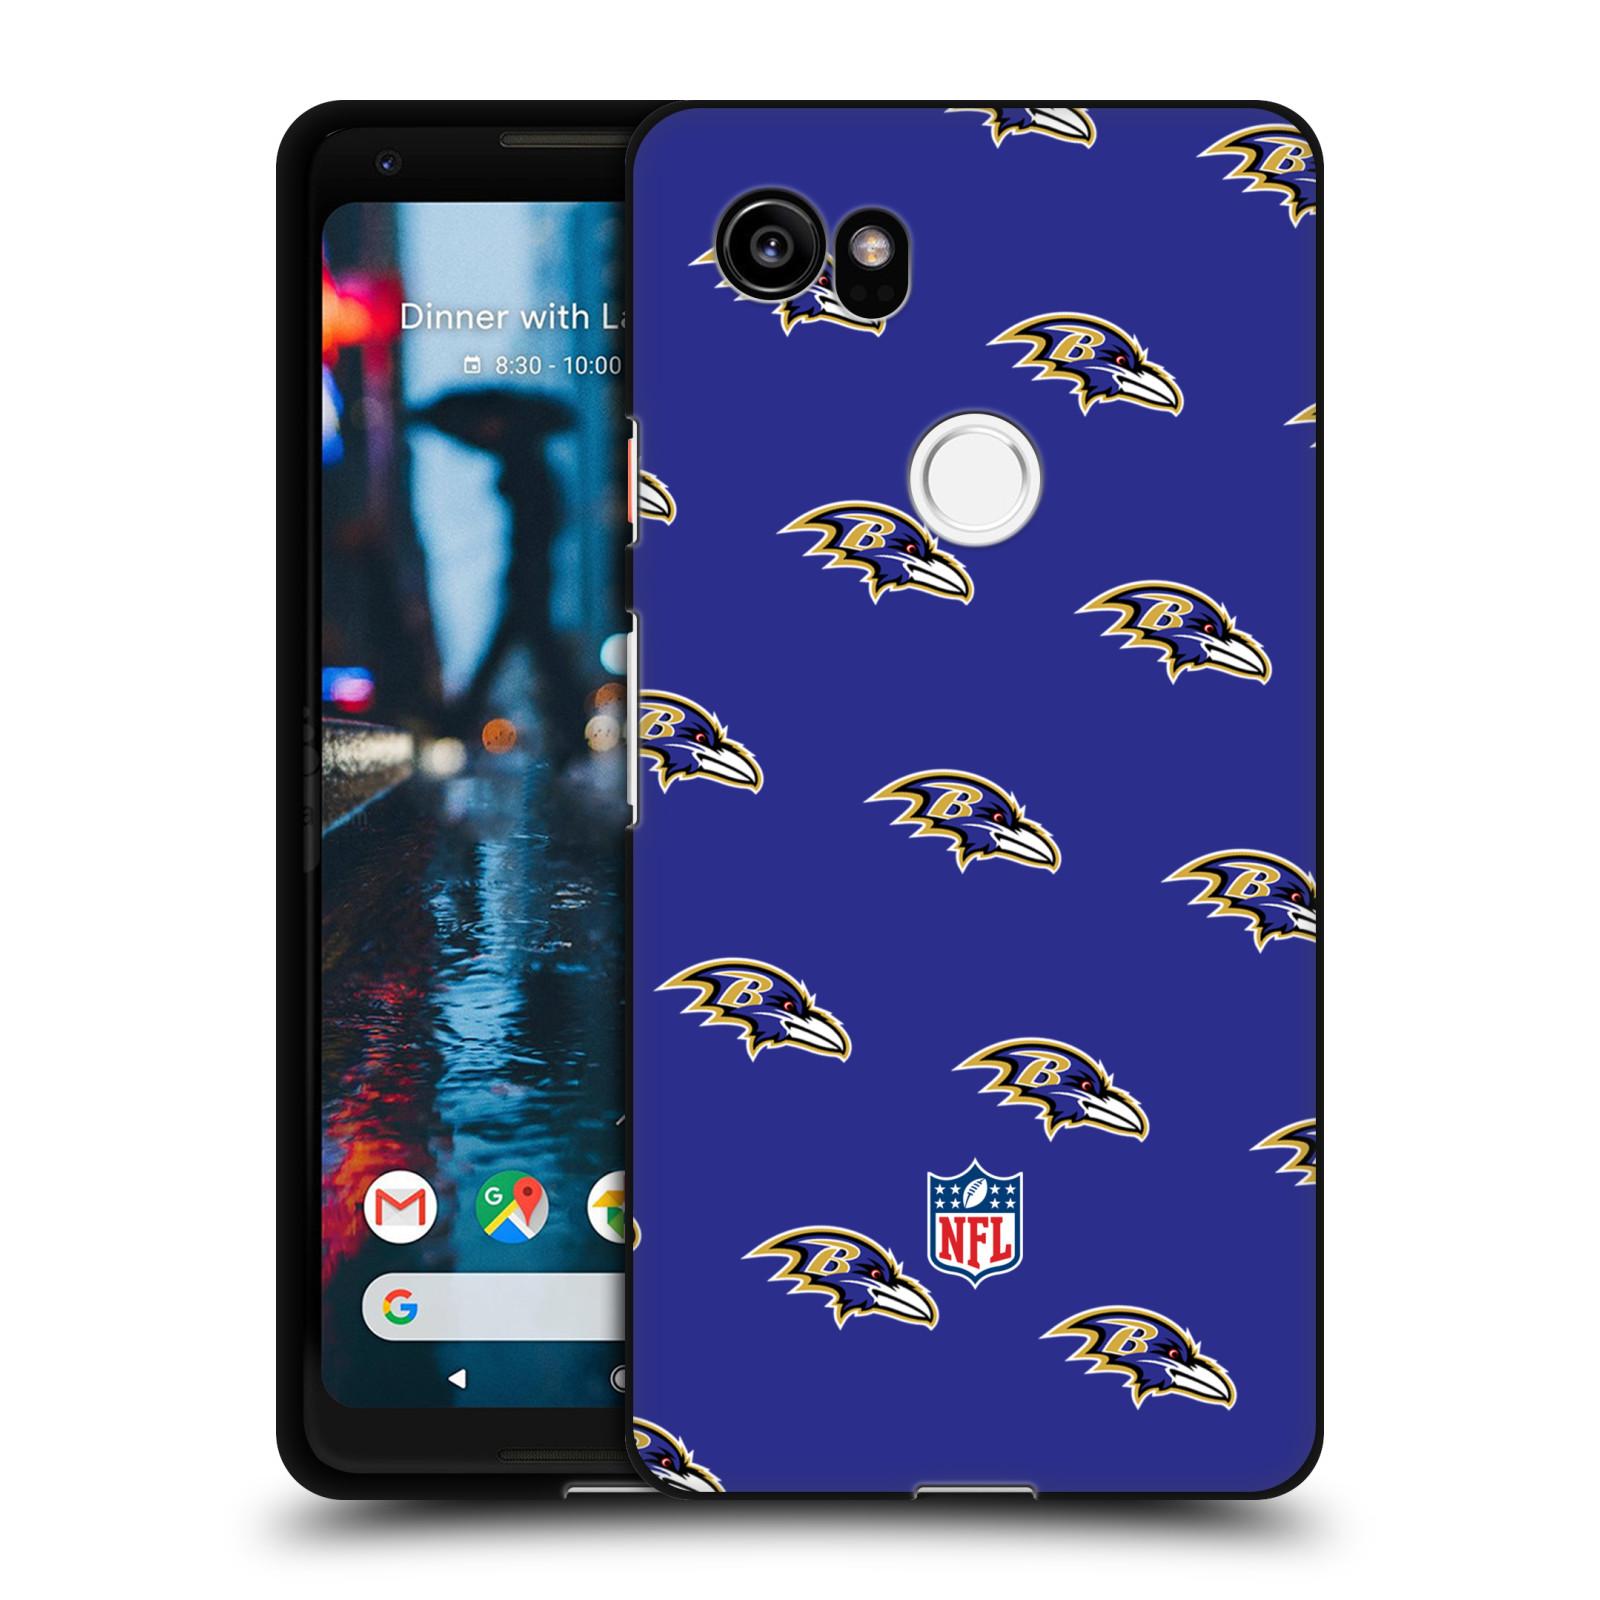 OFFICIAL-NFL-2017-18-BALTIMORE-RAVENS-BLACK-SOFT-GEL-CASE-FOR-GOOGLE-PHONES